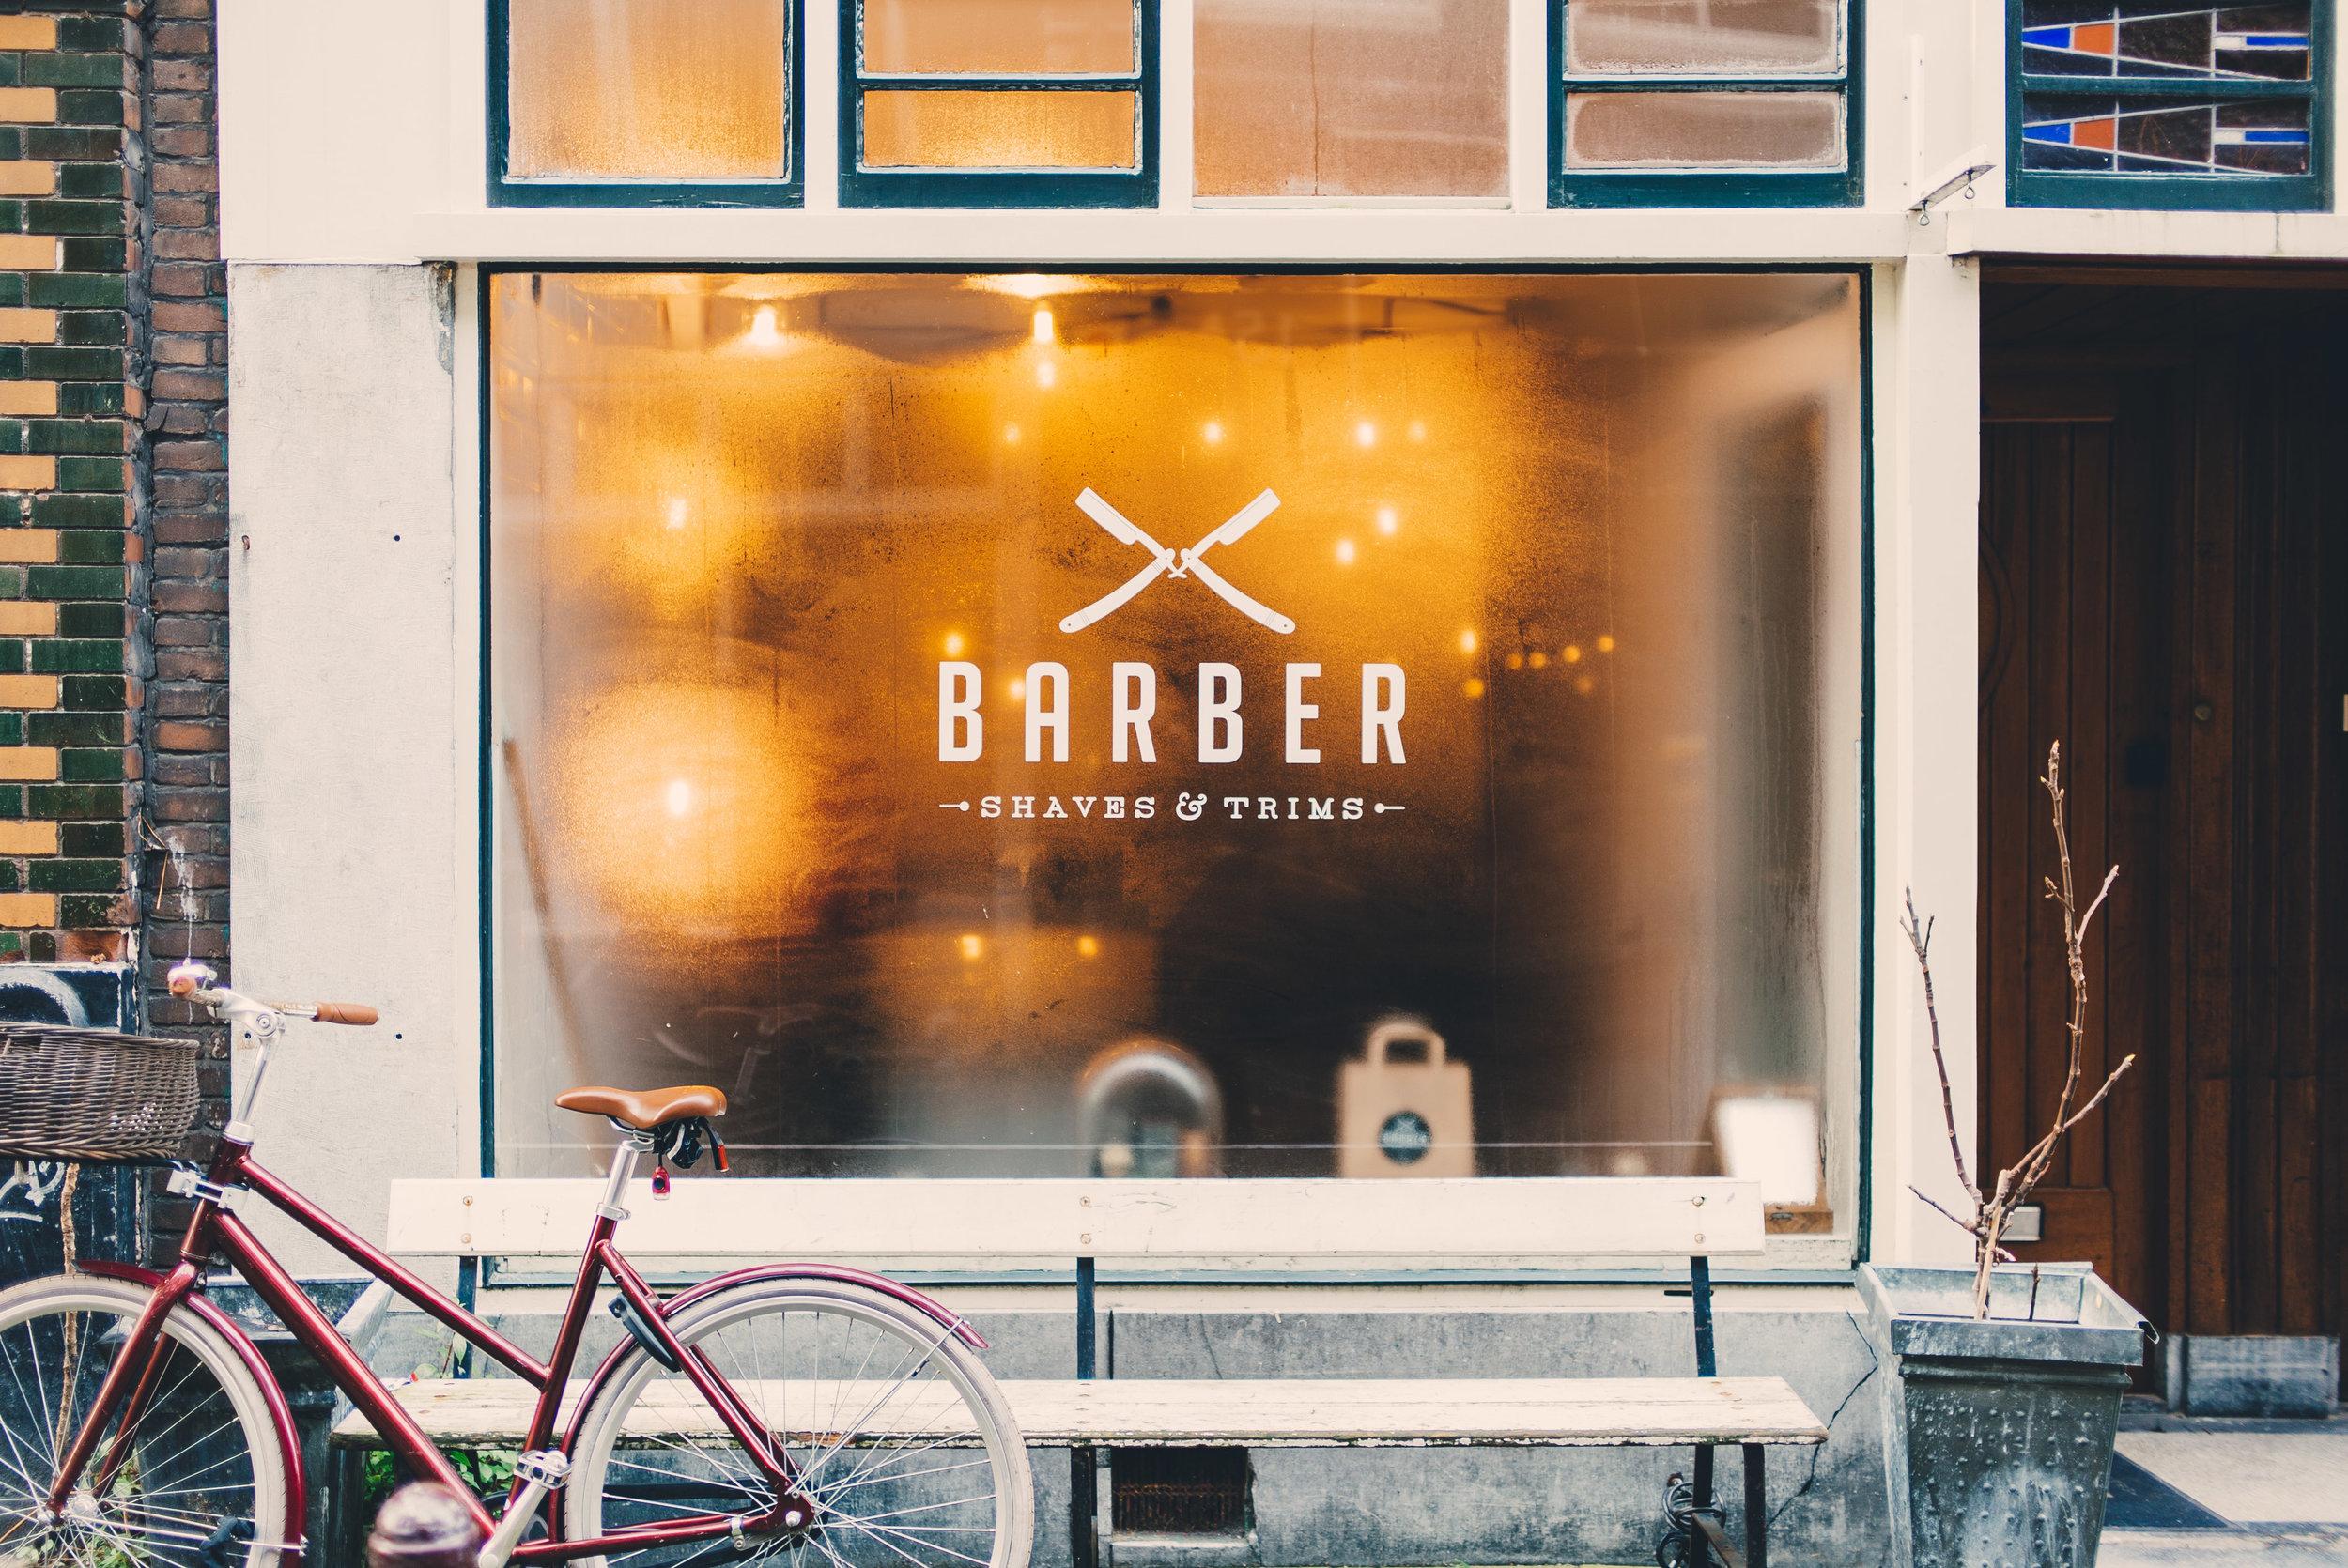 barbershop outside